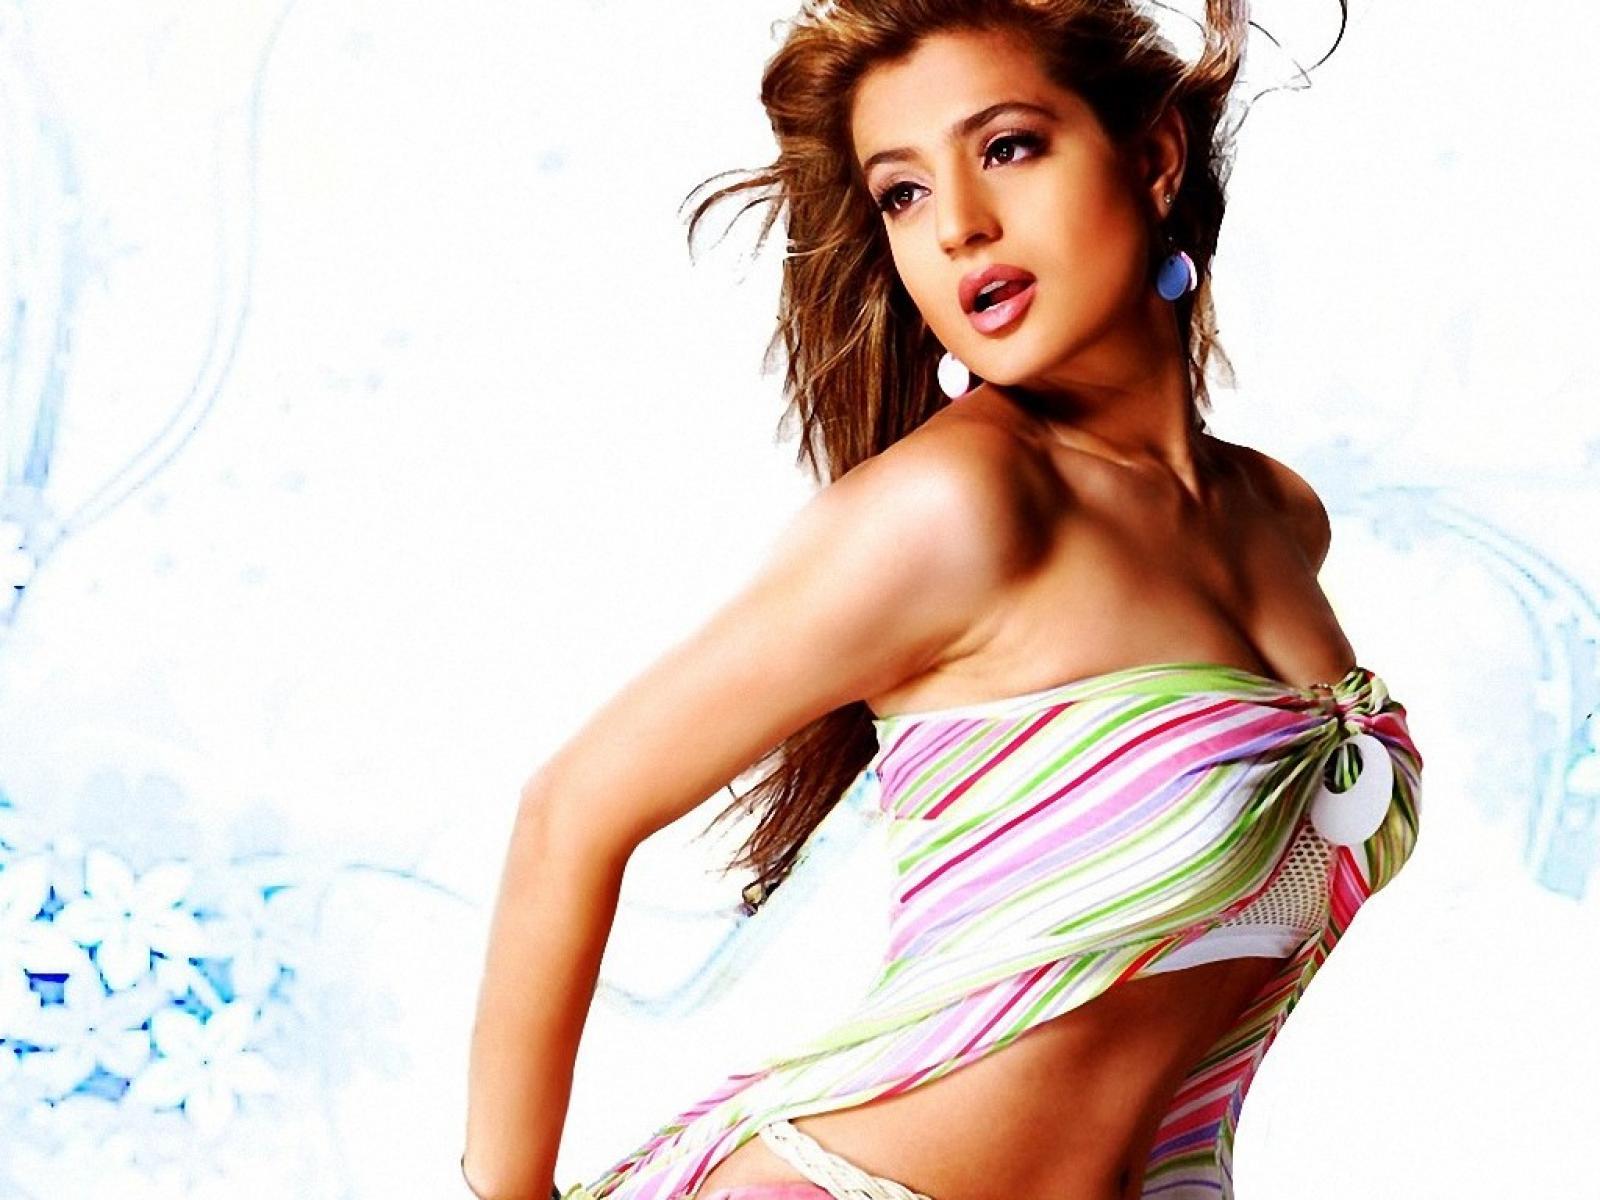 Amisha Patel Photo Sexy